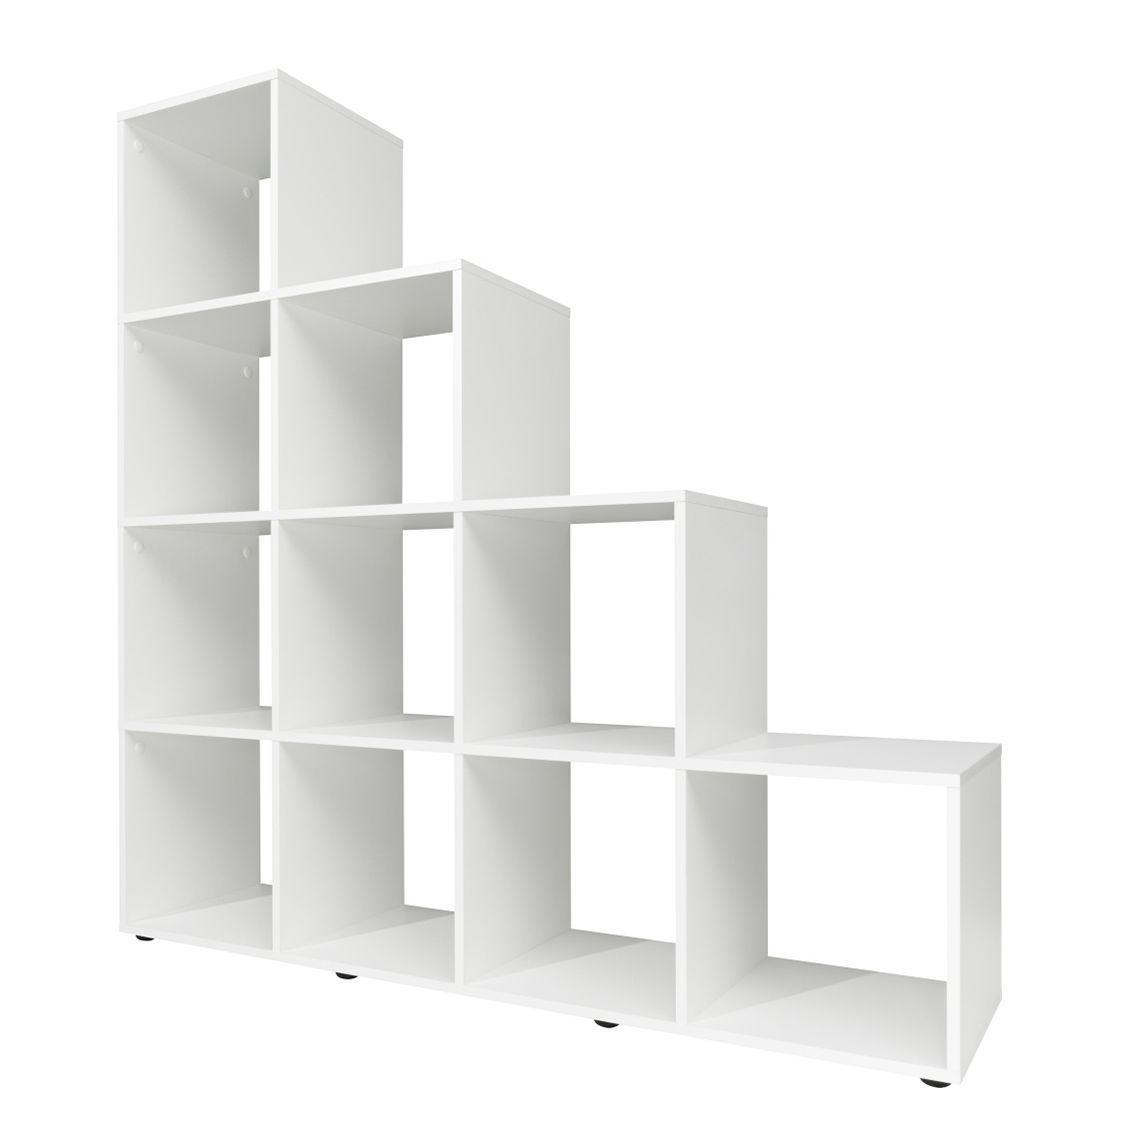 Stufenregal P82 Ii Kaufen Home24 Holzregale Raumteiler Buche